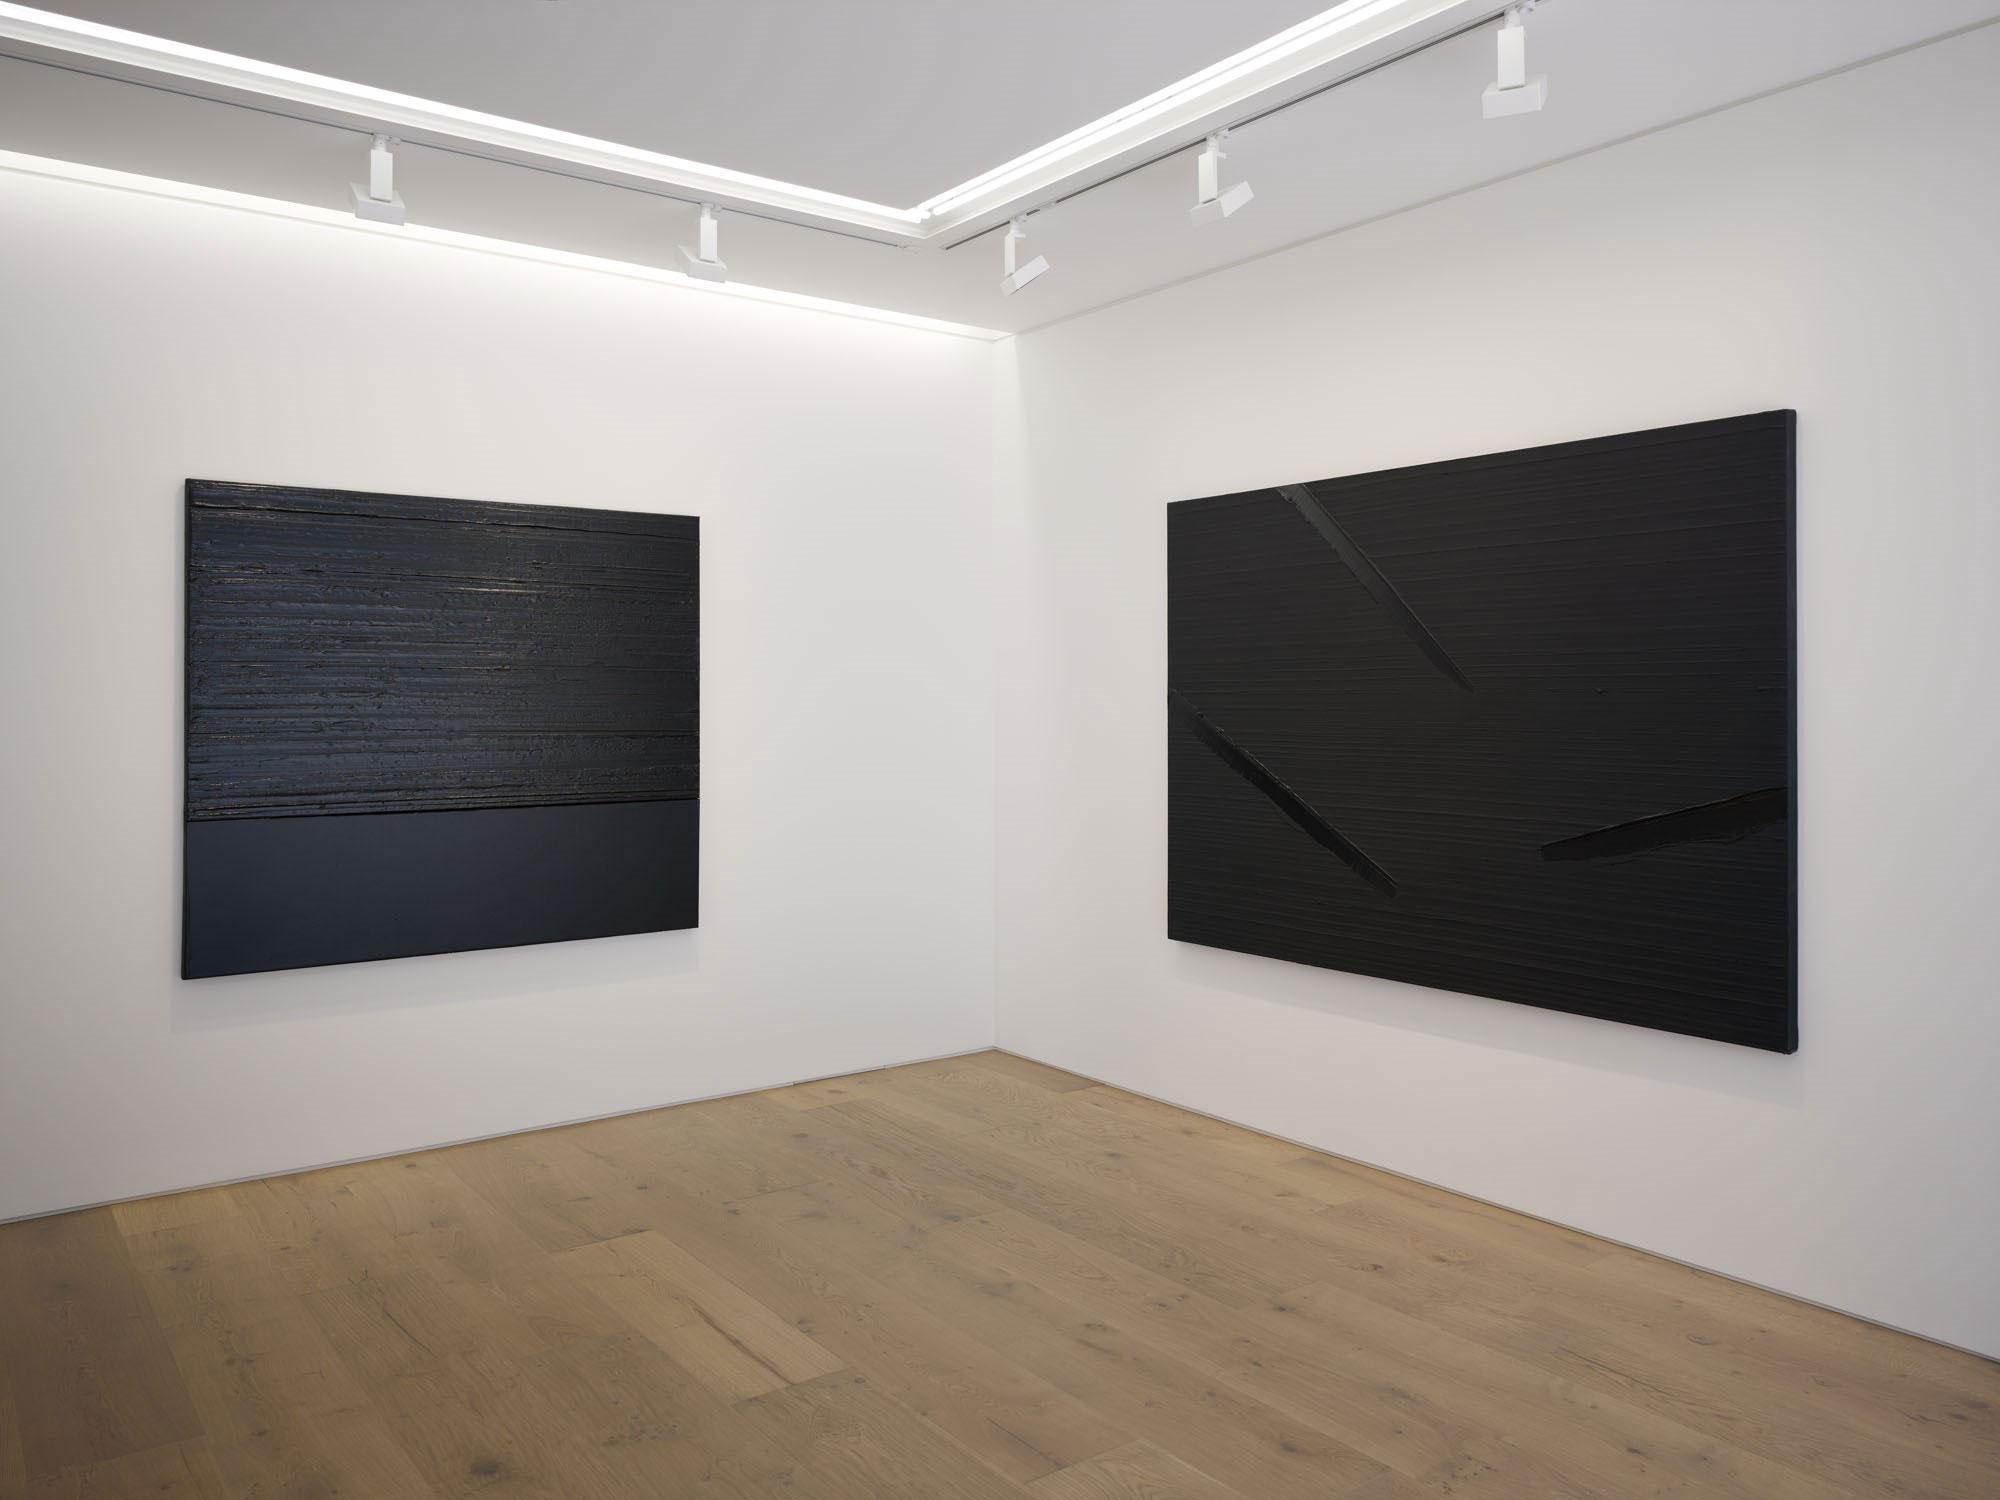 Diese galerie bringt minimalistische kunst nach tokio amuse for Minimal art gallery